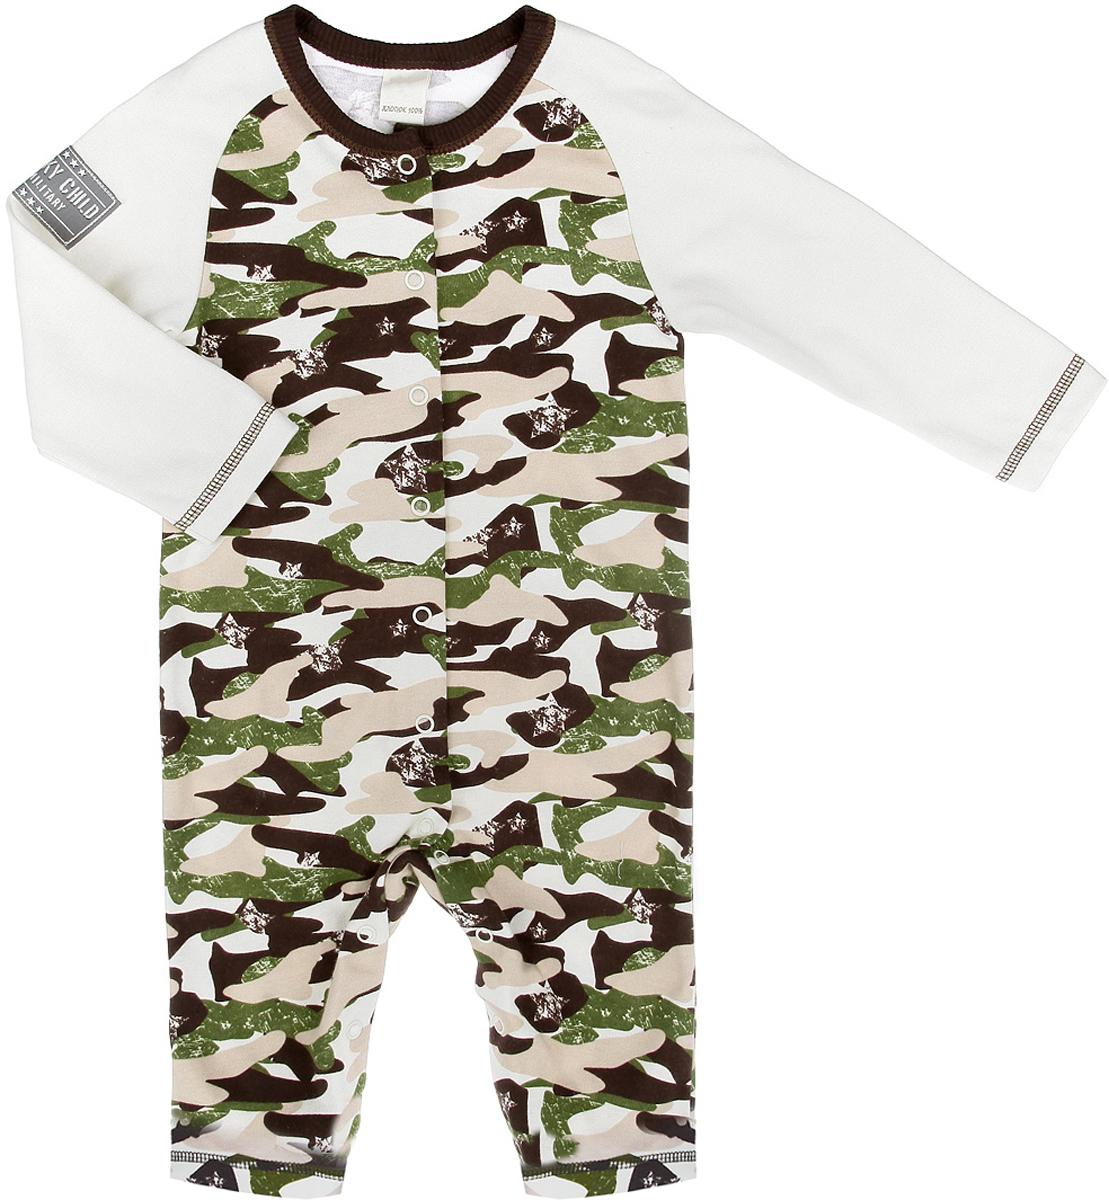 Комбинезон домашний31-1Детский комбинезон Lucky Child Вежливые люди - очень удобный и практичный вид одежды для малышей. Комбинезон выполнен из интерлока - натурального хлопка, благодаря чему он необычайно мягкий и приятный на ощупь, не раздражает нежную кожу ребенка и хорошо вентилируется, а эластичные швы приятны телу малыша и не препятствуют его движениям. Комбинезон с длинными рукавами-реглан и открытыми ножками имеет застежки-кнопки от горловины до щиколоток, которые помогают легко переодеть младенца или сменить подгузник. Оформлен комбинезон принтом на военную тематику и украшен небольшой нашивкой. Детский комбинезон Lucky Child идеален для использования днем и незаменим ночью. Комбинезон полностью соответствует особенностям жизни младенца в ранний период, не стесняя и не ограничивая его в движениях!